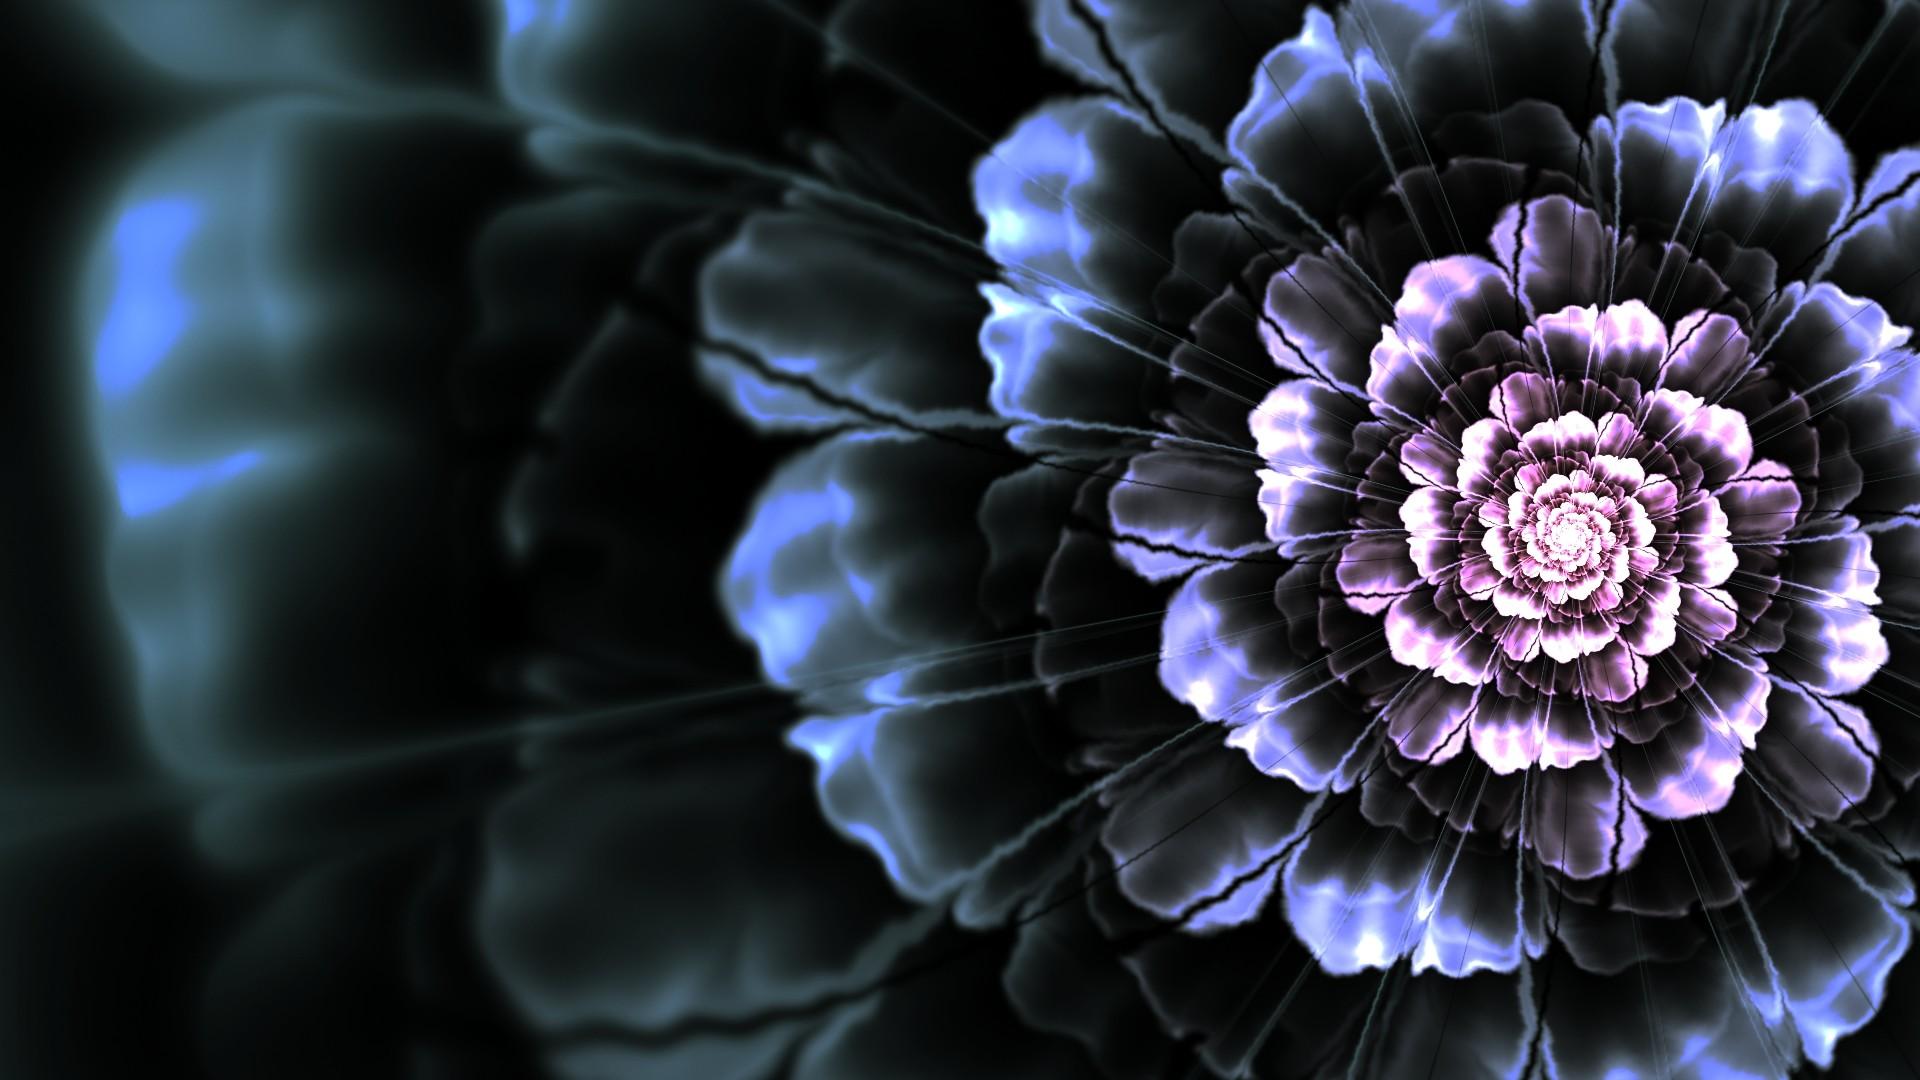 Dark Flower Wallpaper (70+ images)